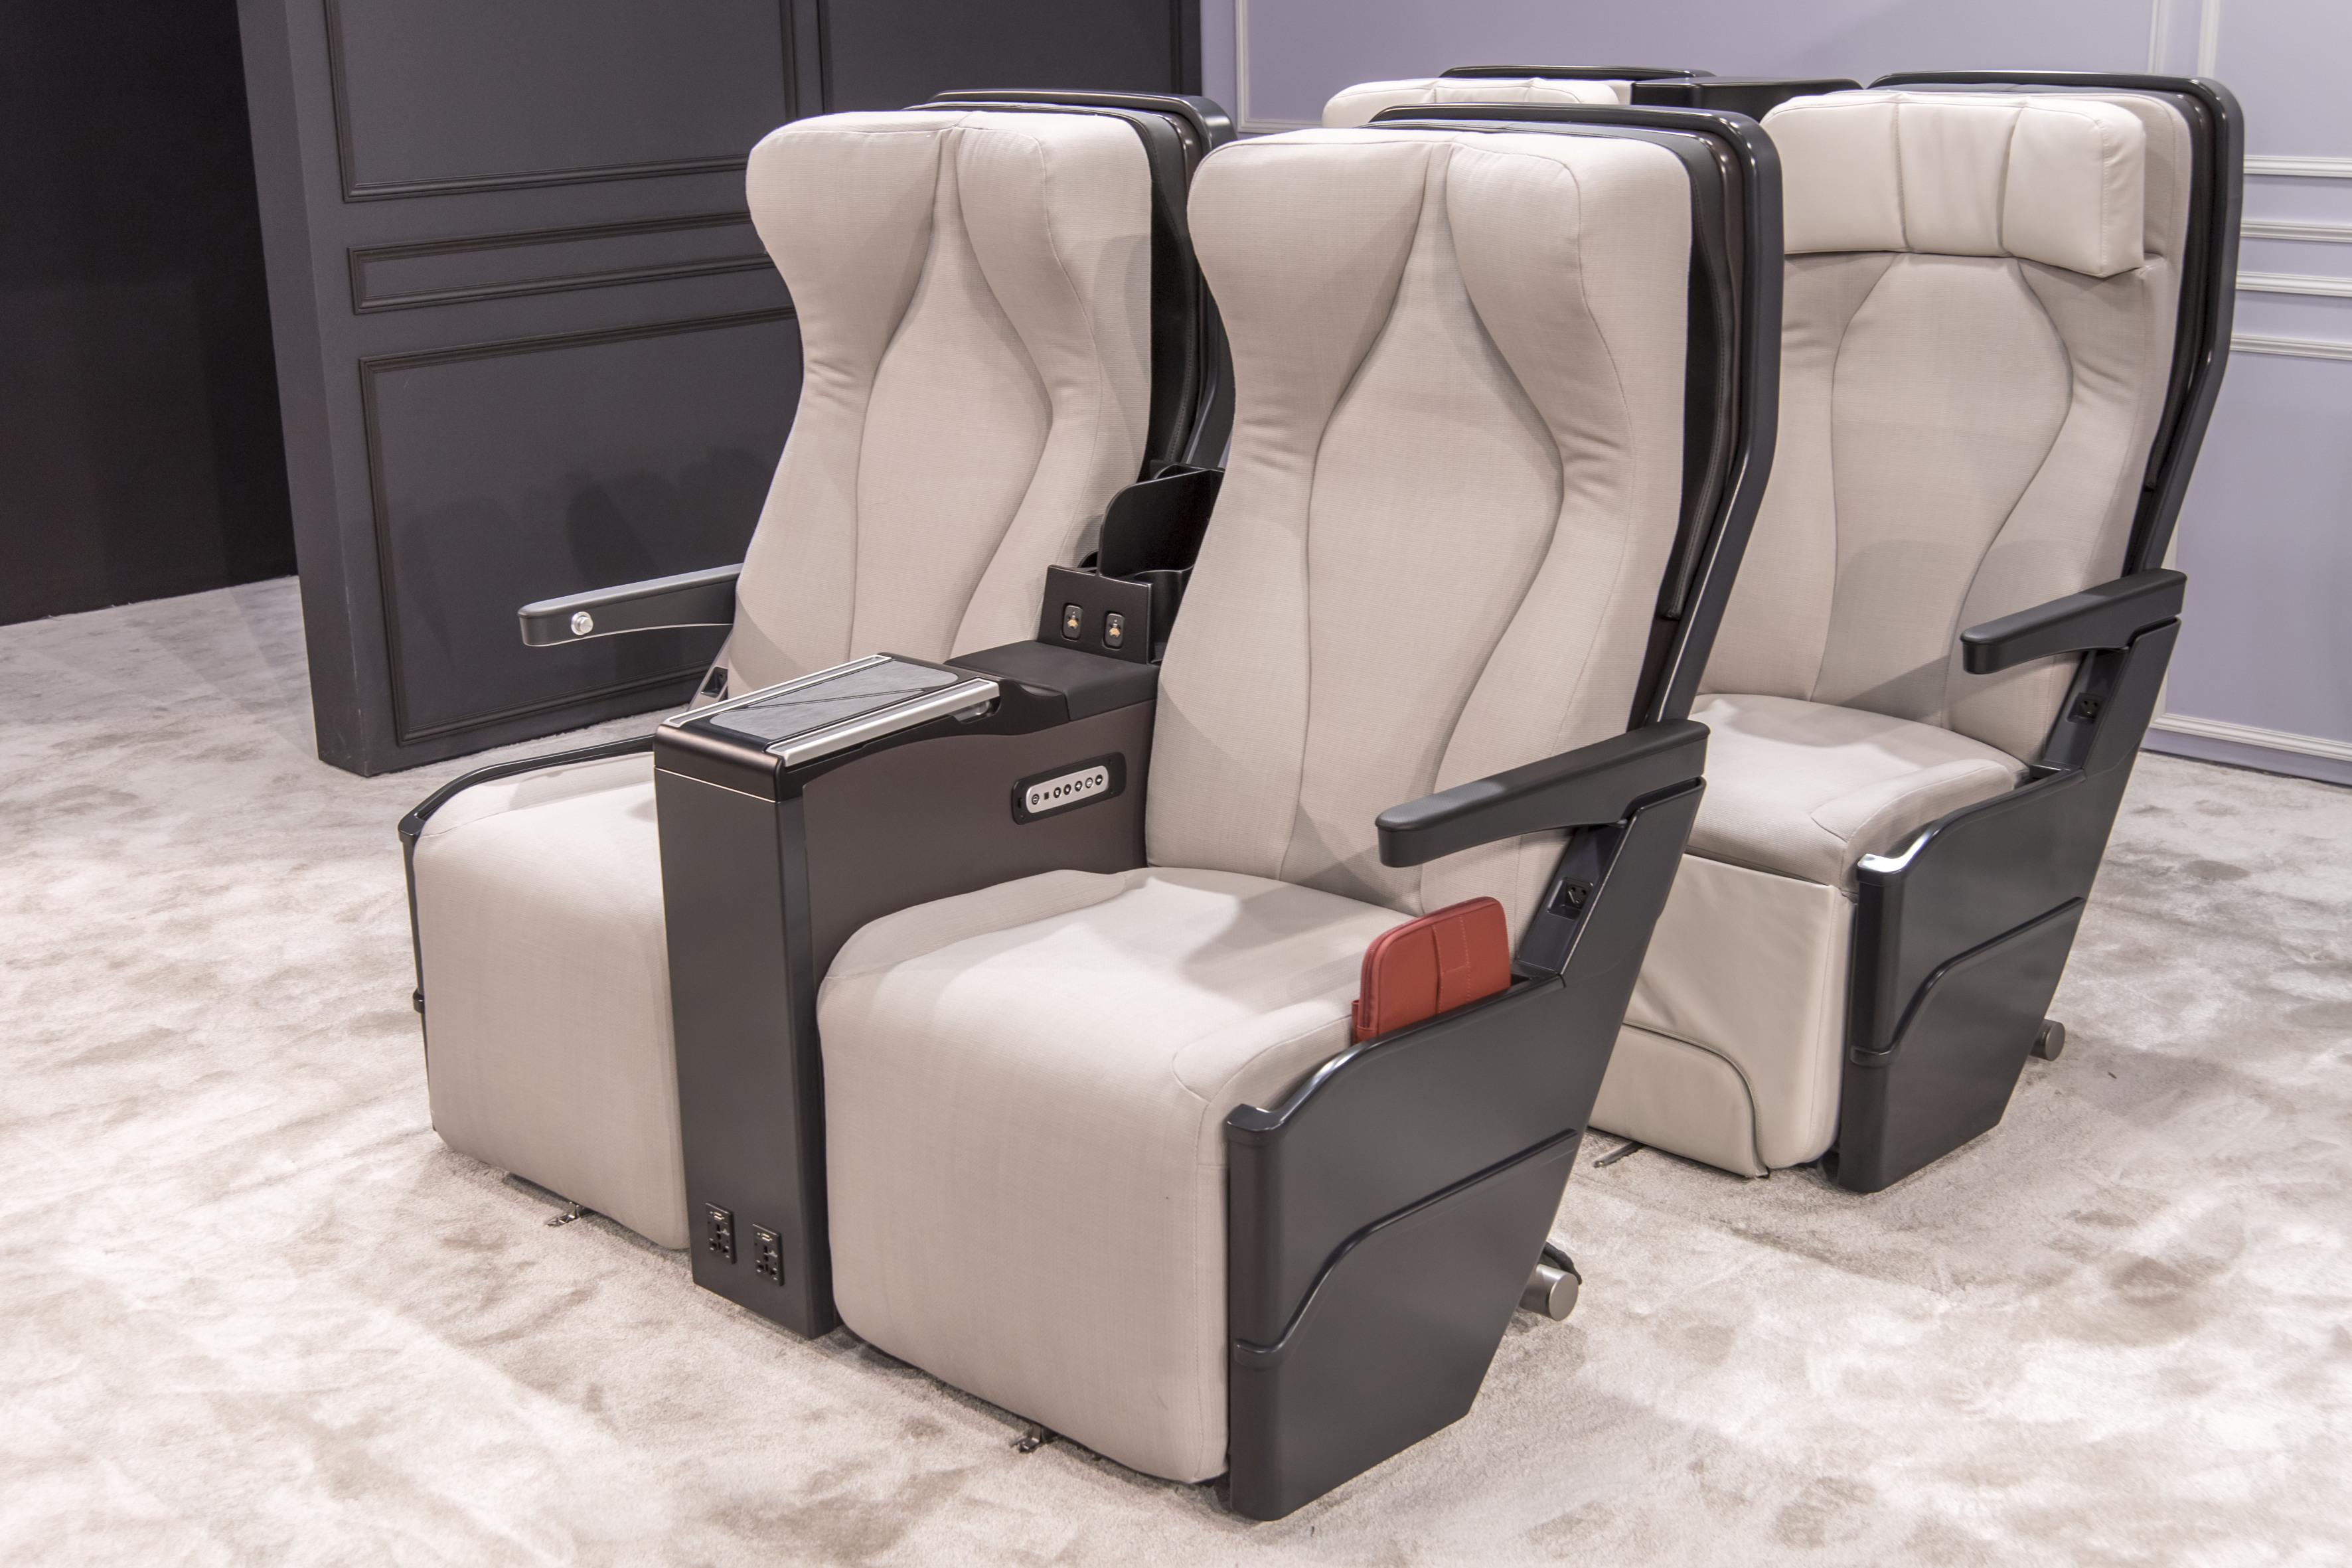 Le nouveau fauteuil Classe Affaires CELESTE de STELIA Aerospace désormais disponible pour la famille A320